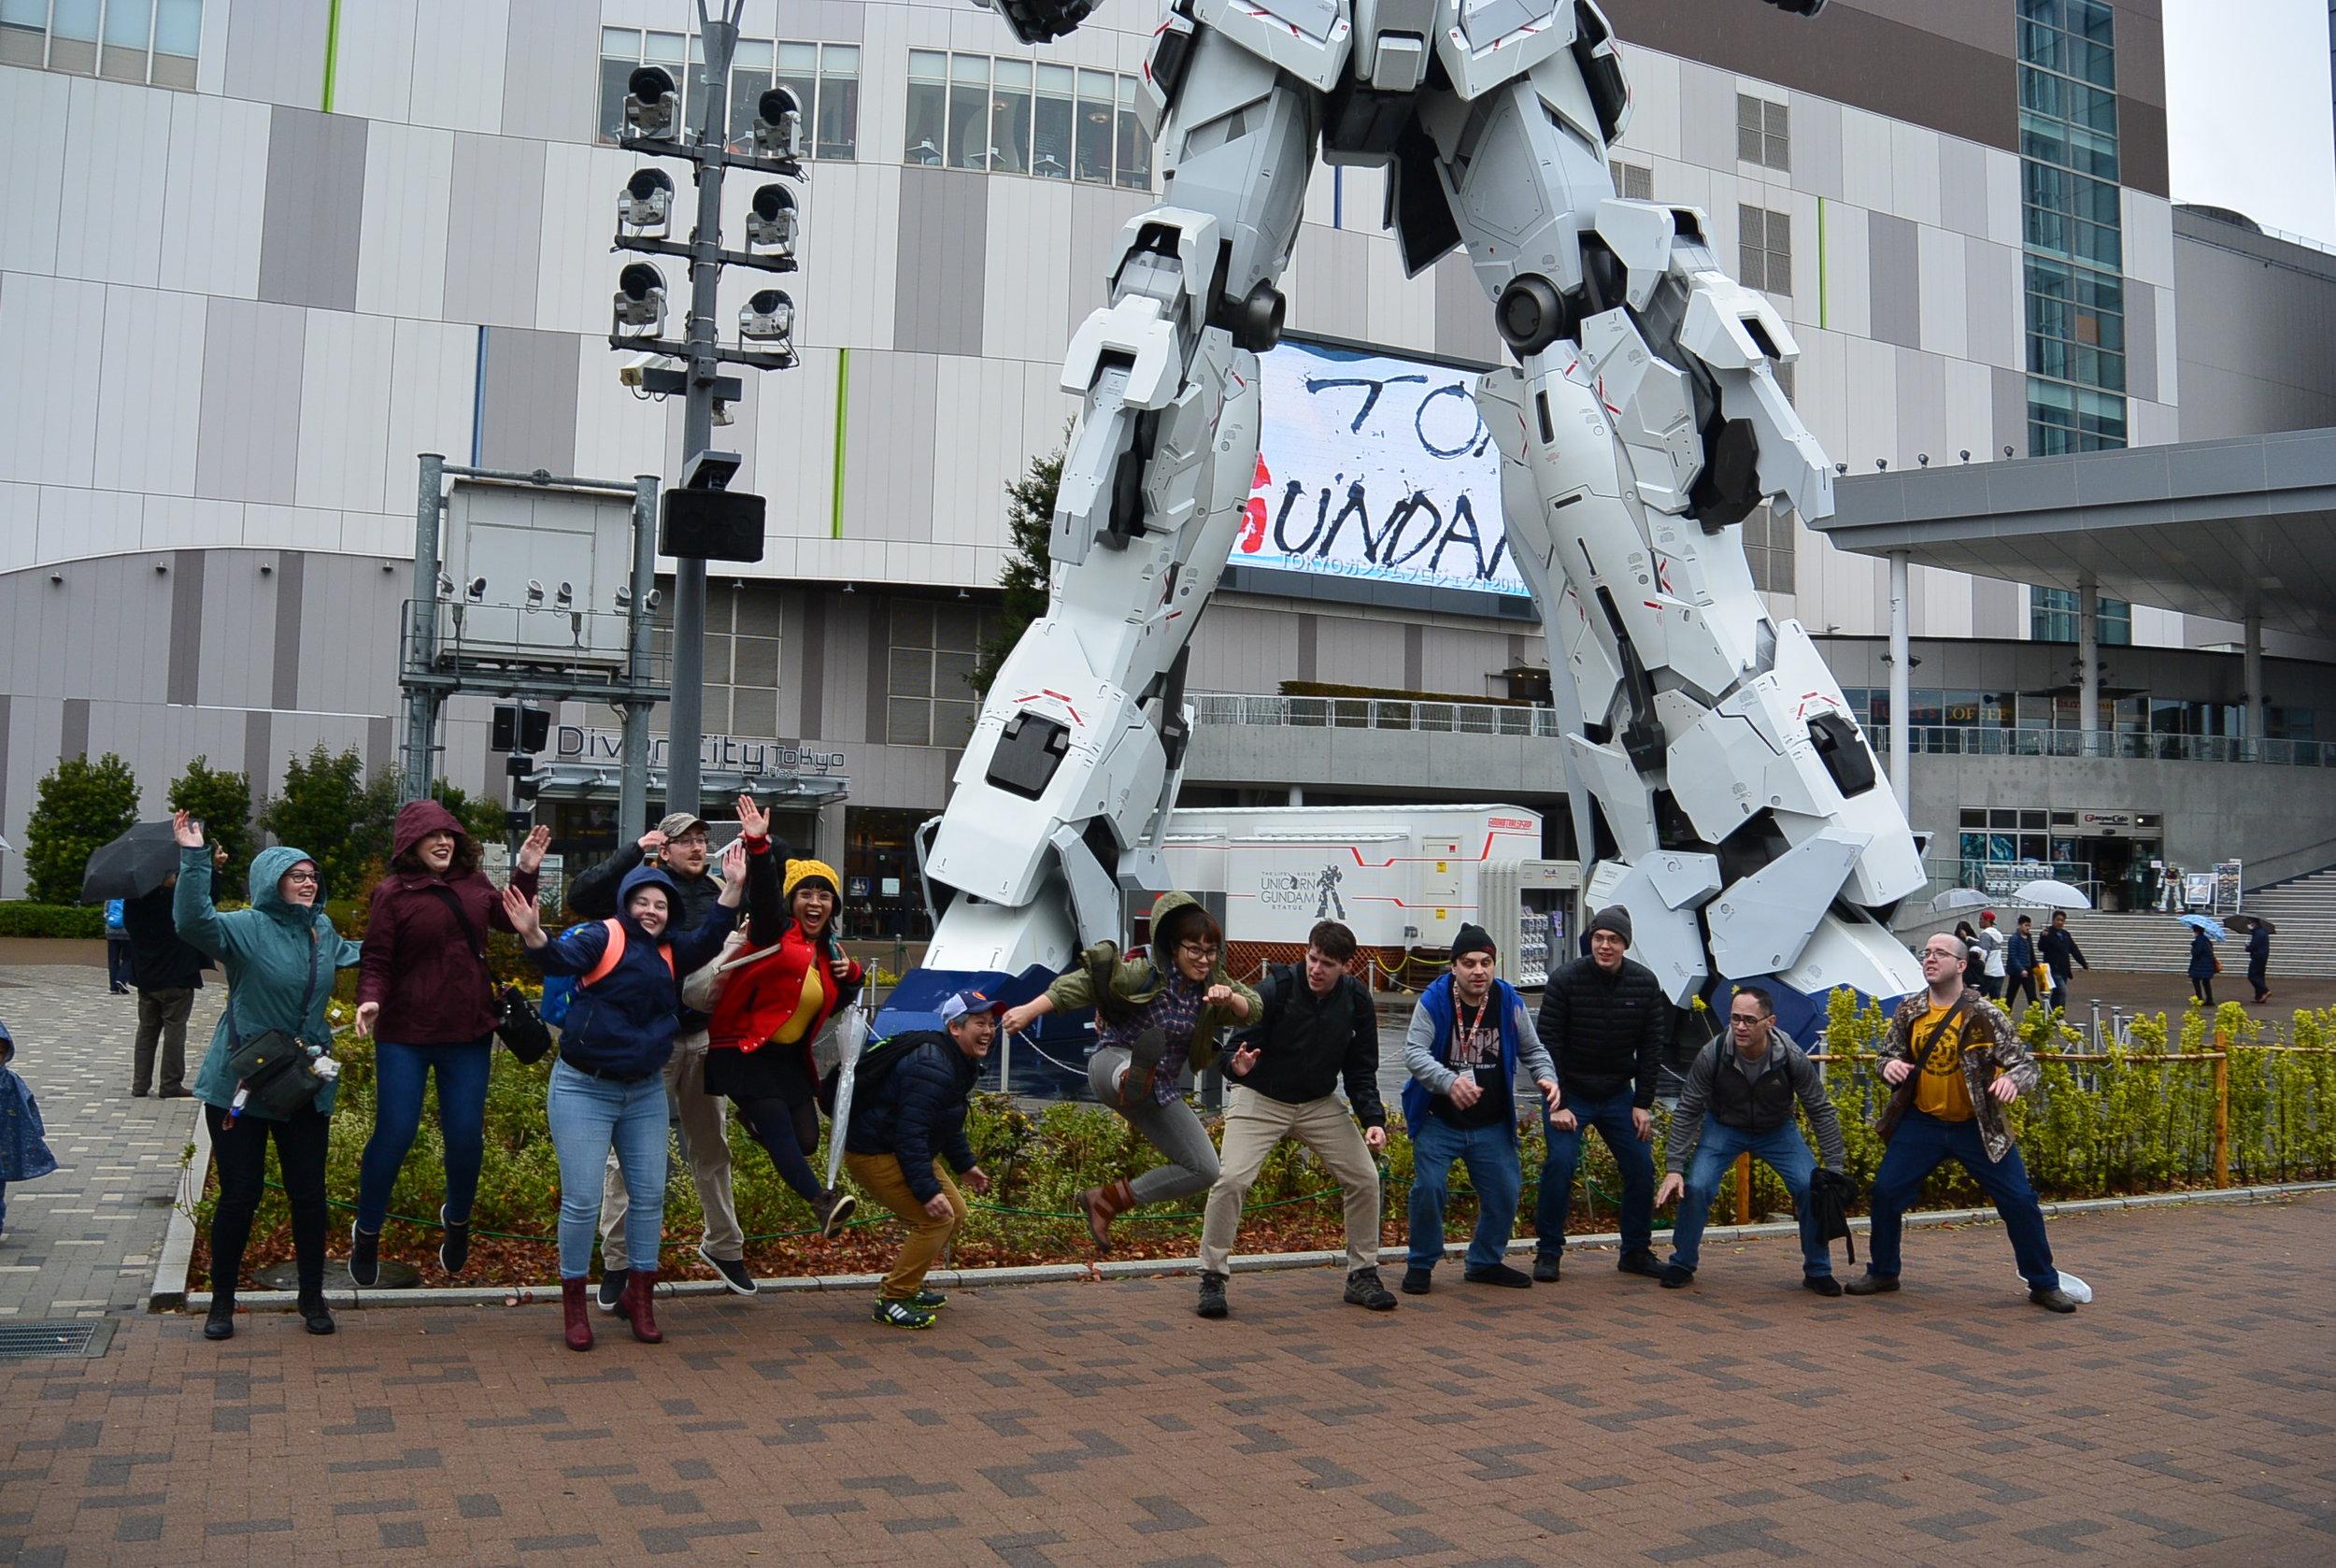 Day 8: Gundam and Ikebukuro